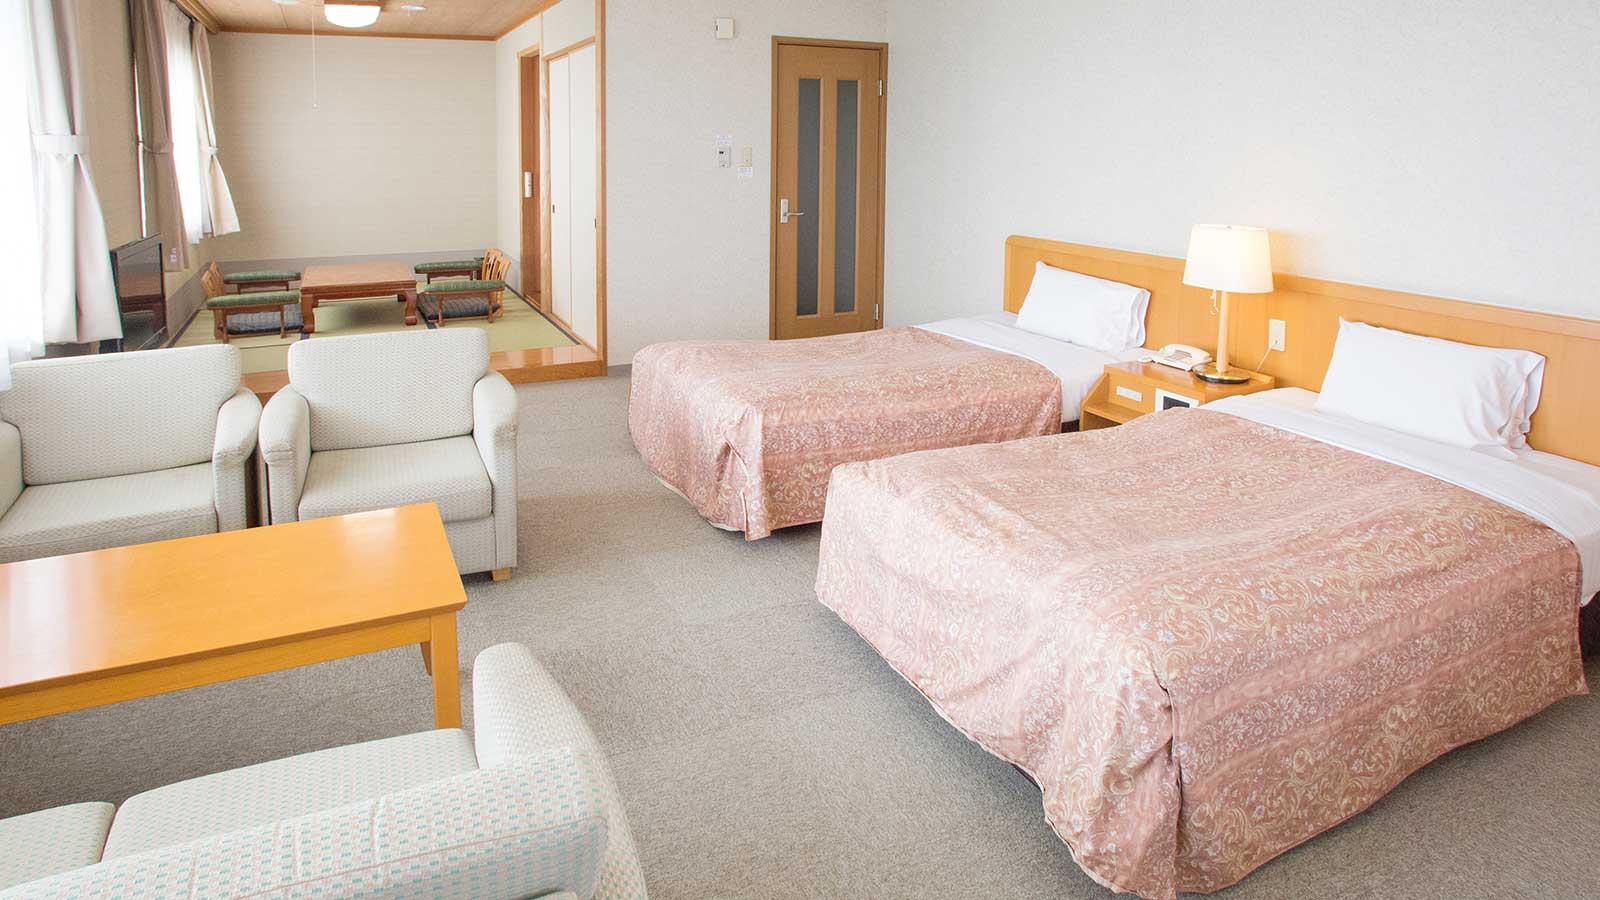 クア・アンド・ホテル 駿河健康ランドの宿泊プラン一覧 【るるぶトラベル】で宿泊予約 1ページ